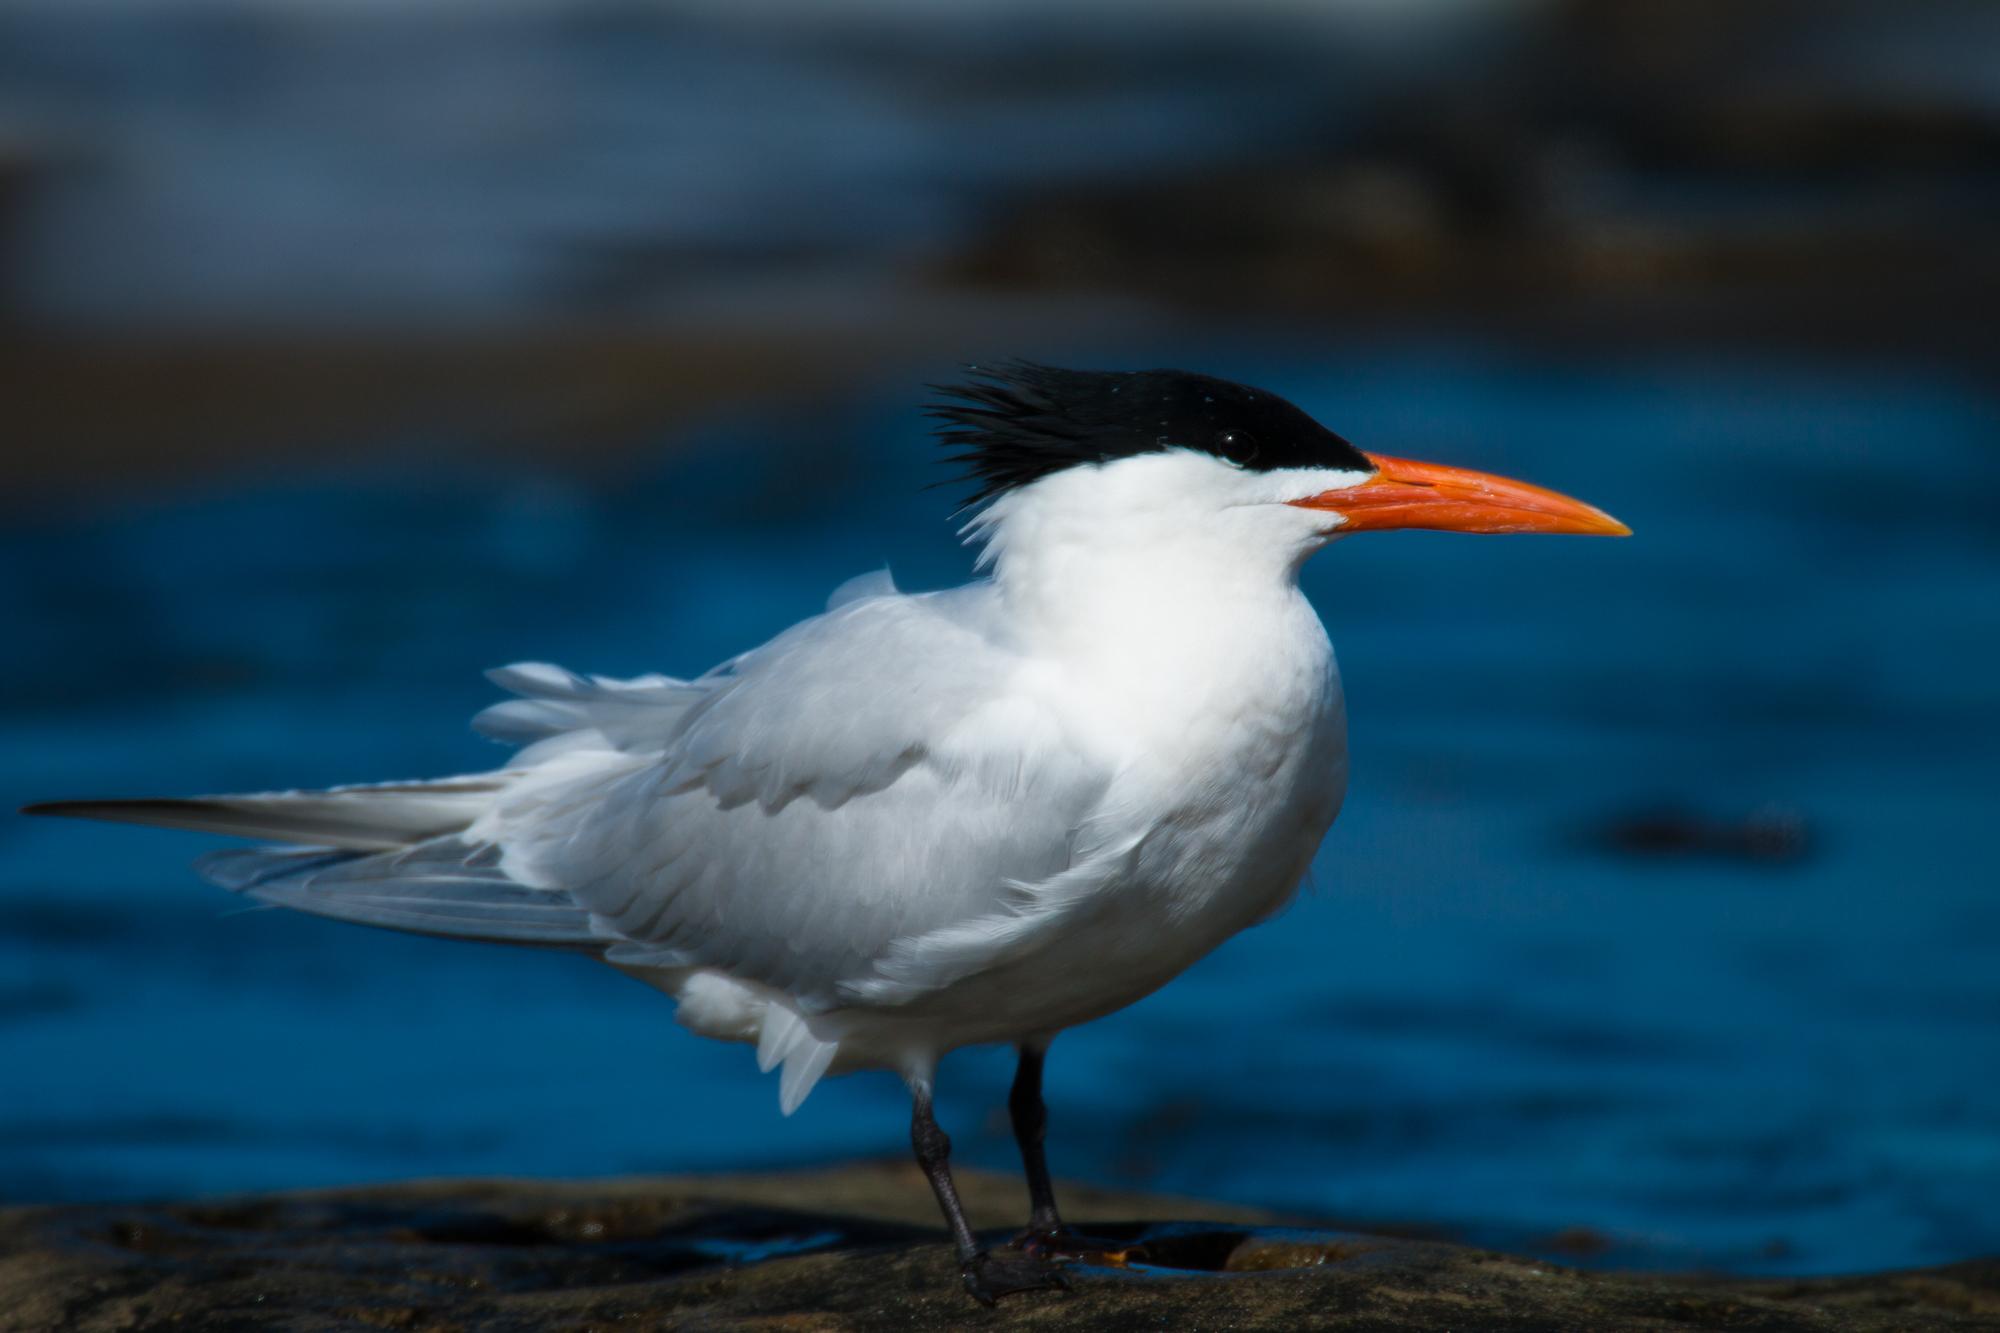 繁殖羽衣的橙嘴凤头燕鸥